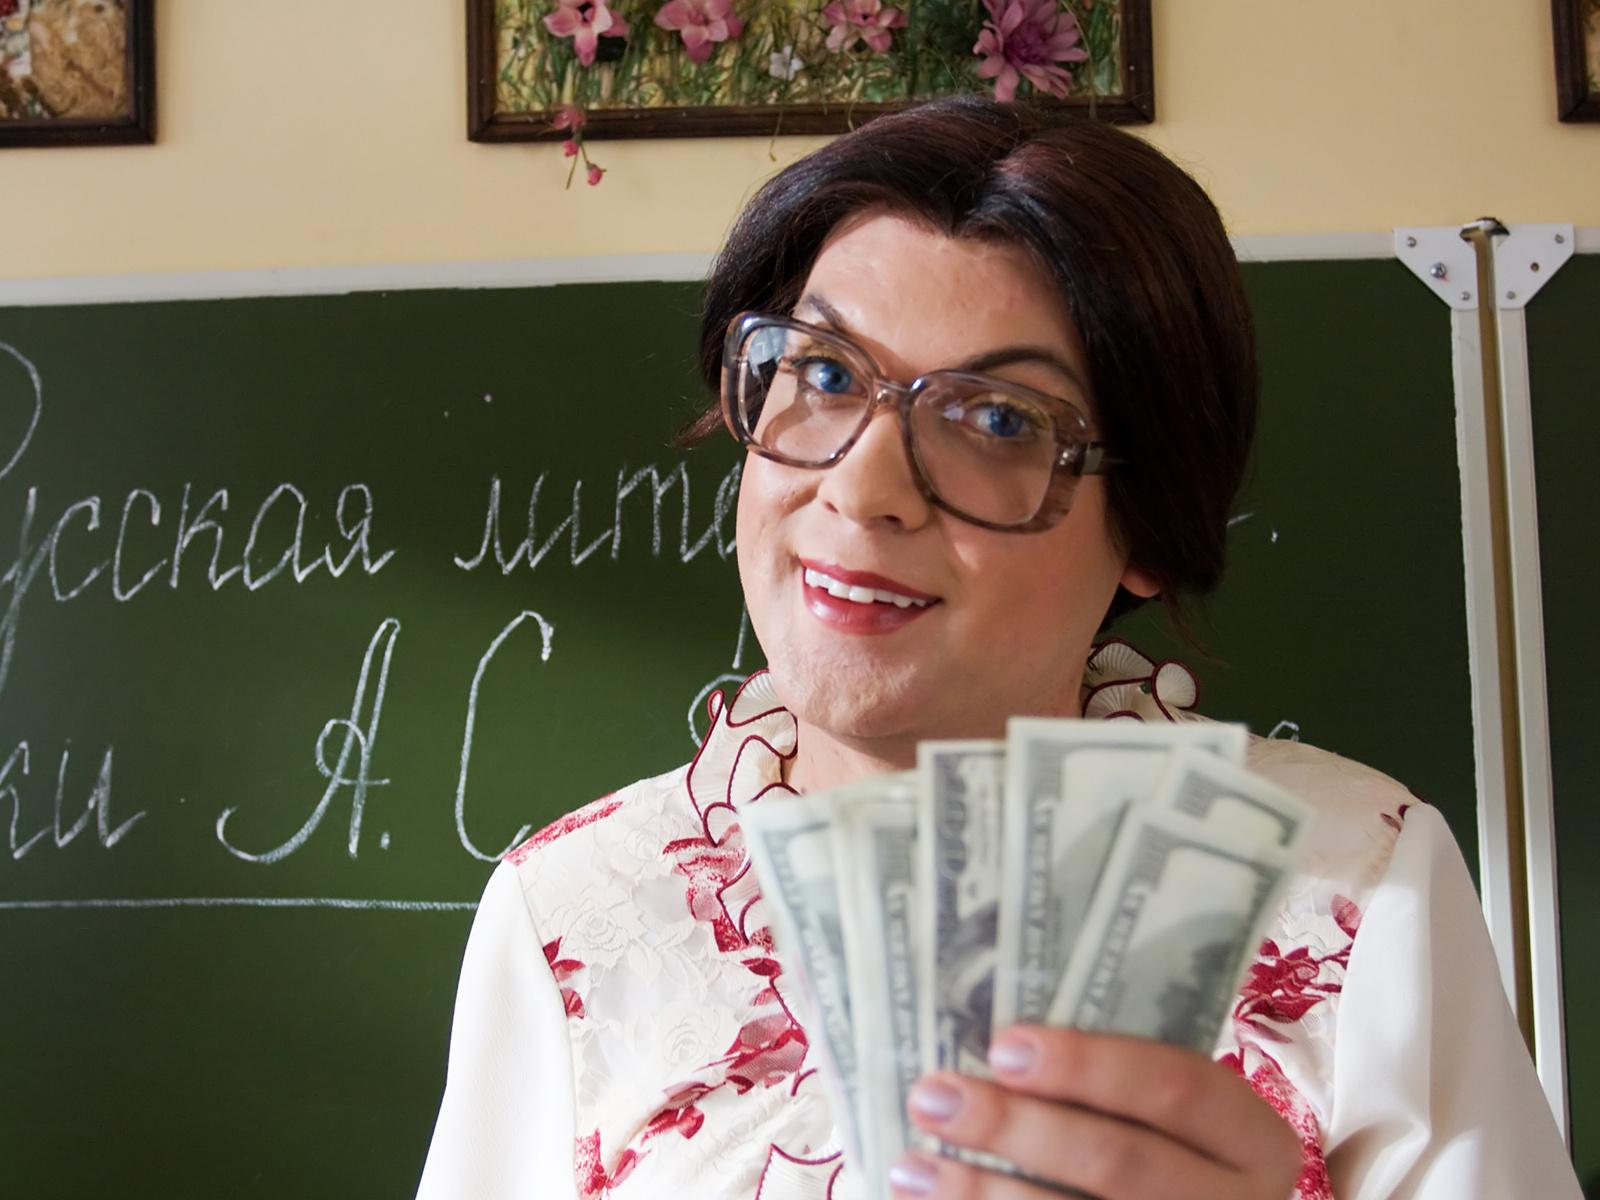 Иснова поборы: вБрянской гимназии требуют деньги с родителей